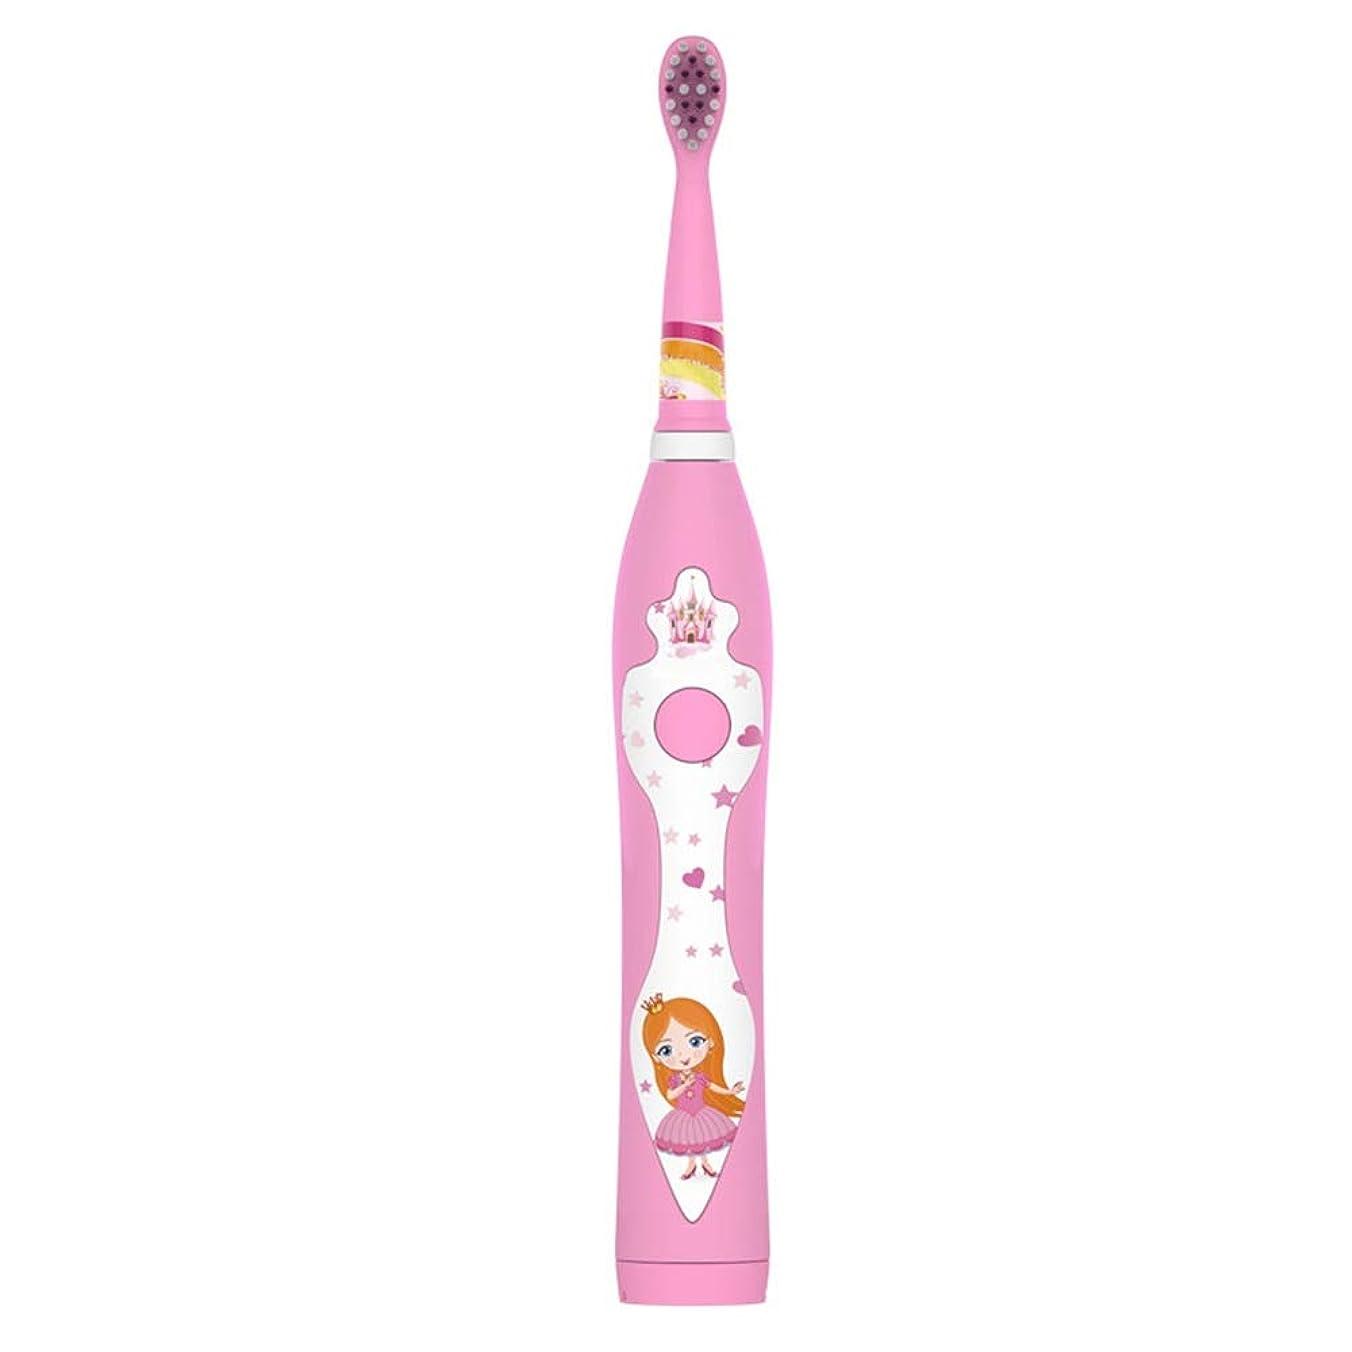 よろしくおとこ灌漑電動歯ブラシ 子供の電動歯ブラシかわいいUSB充電式歯ブラシ付きホルダーと2個の交換用ヘッド、毎日の使用 大人と子供向け (色 : ピンク, サイズ : Free size)